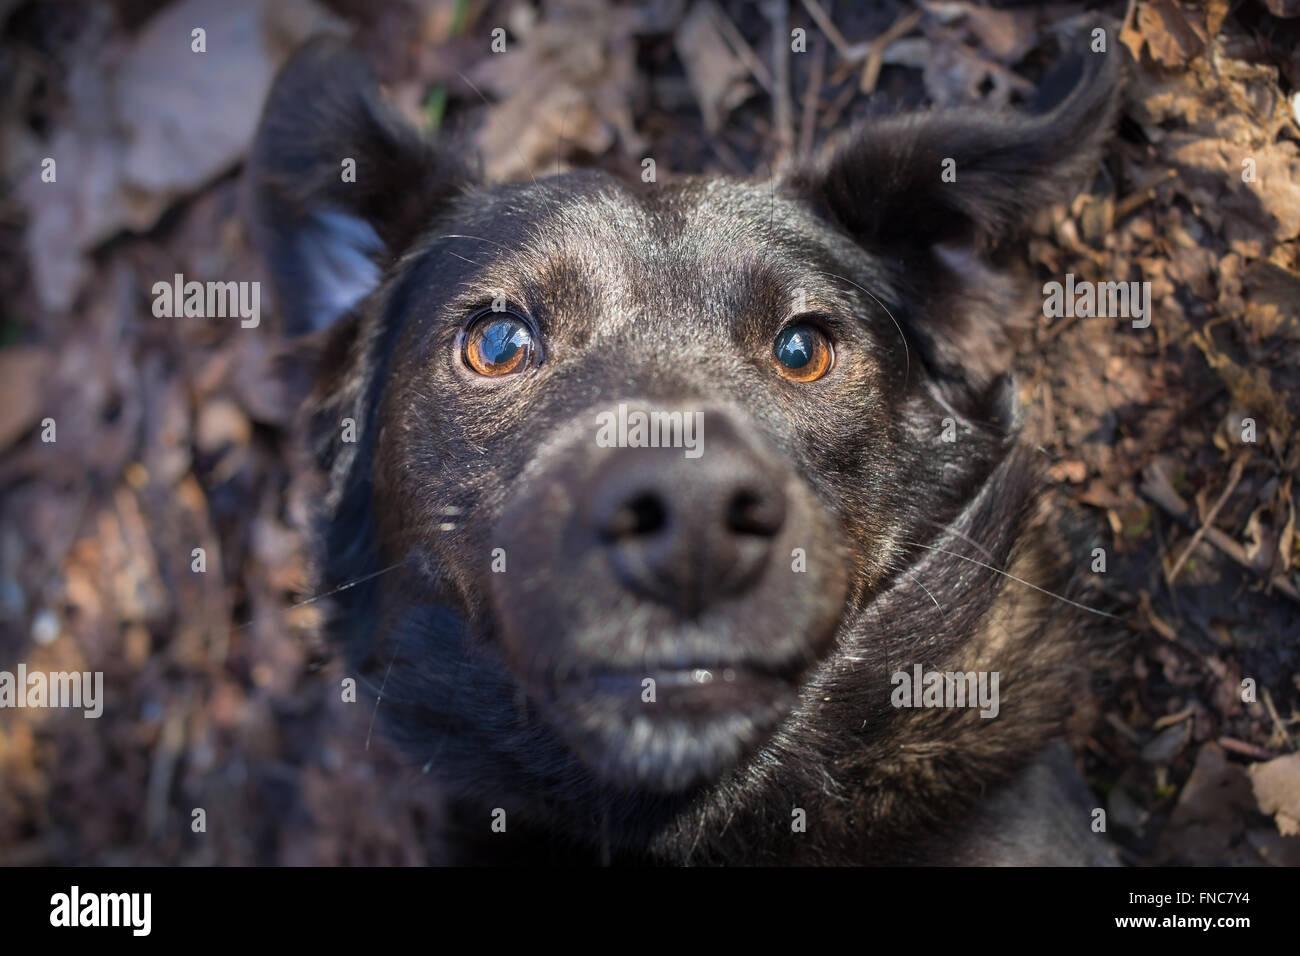 Mixed breed dog selfie photo - Stock Image